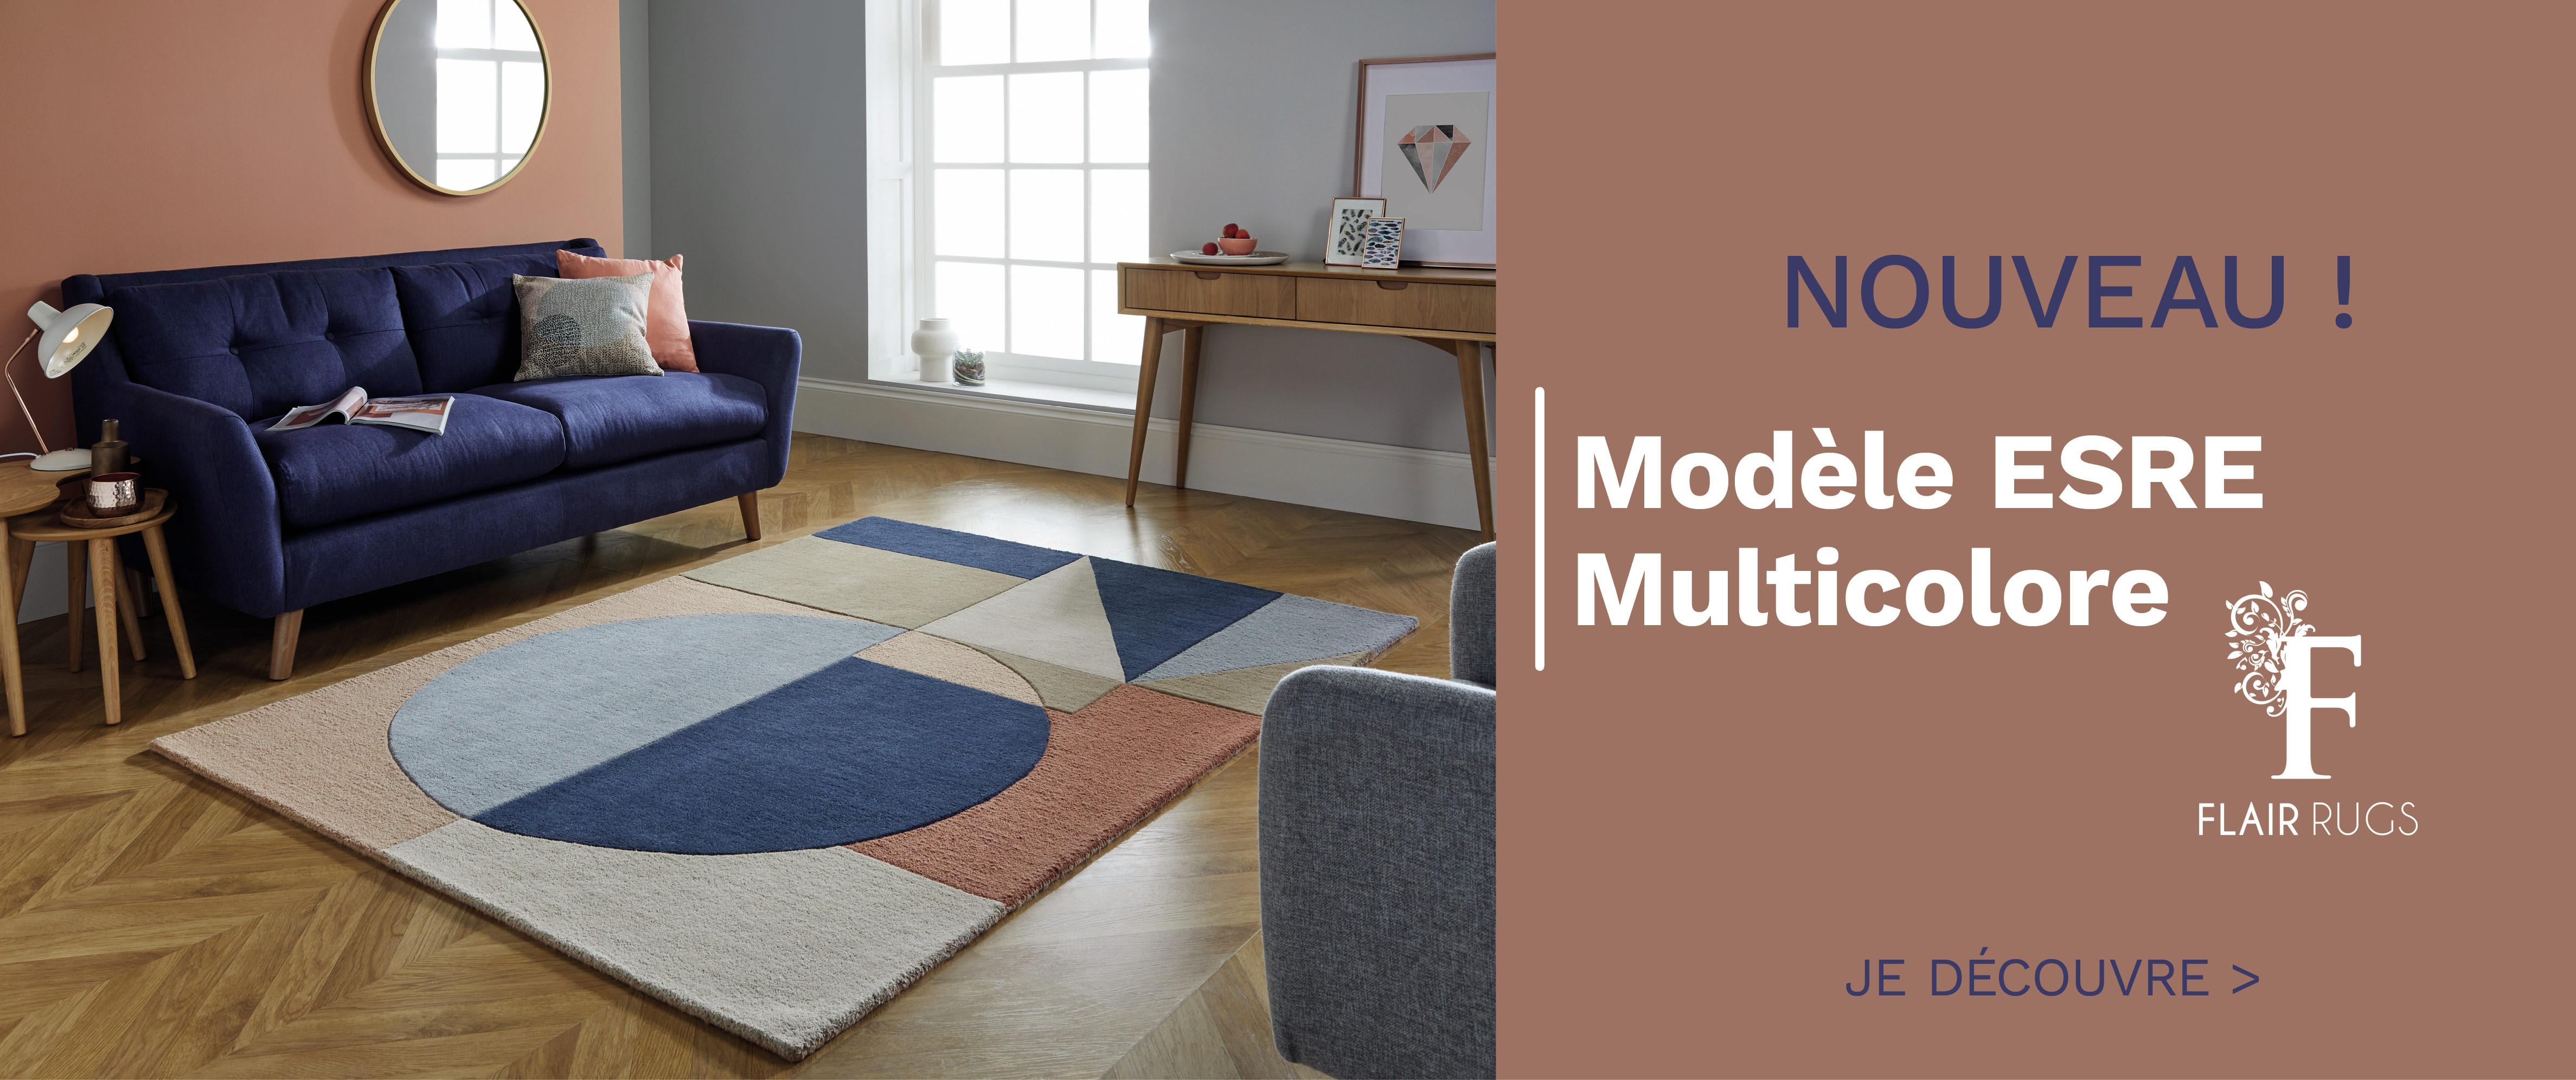 Découvrez notre sélection de tapis flair rugs